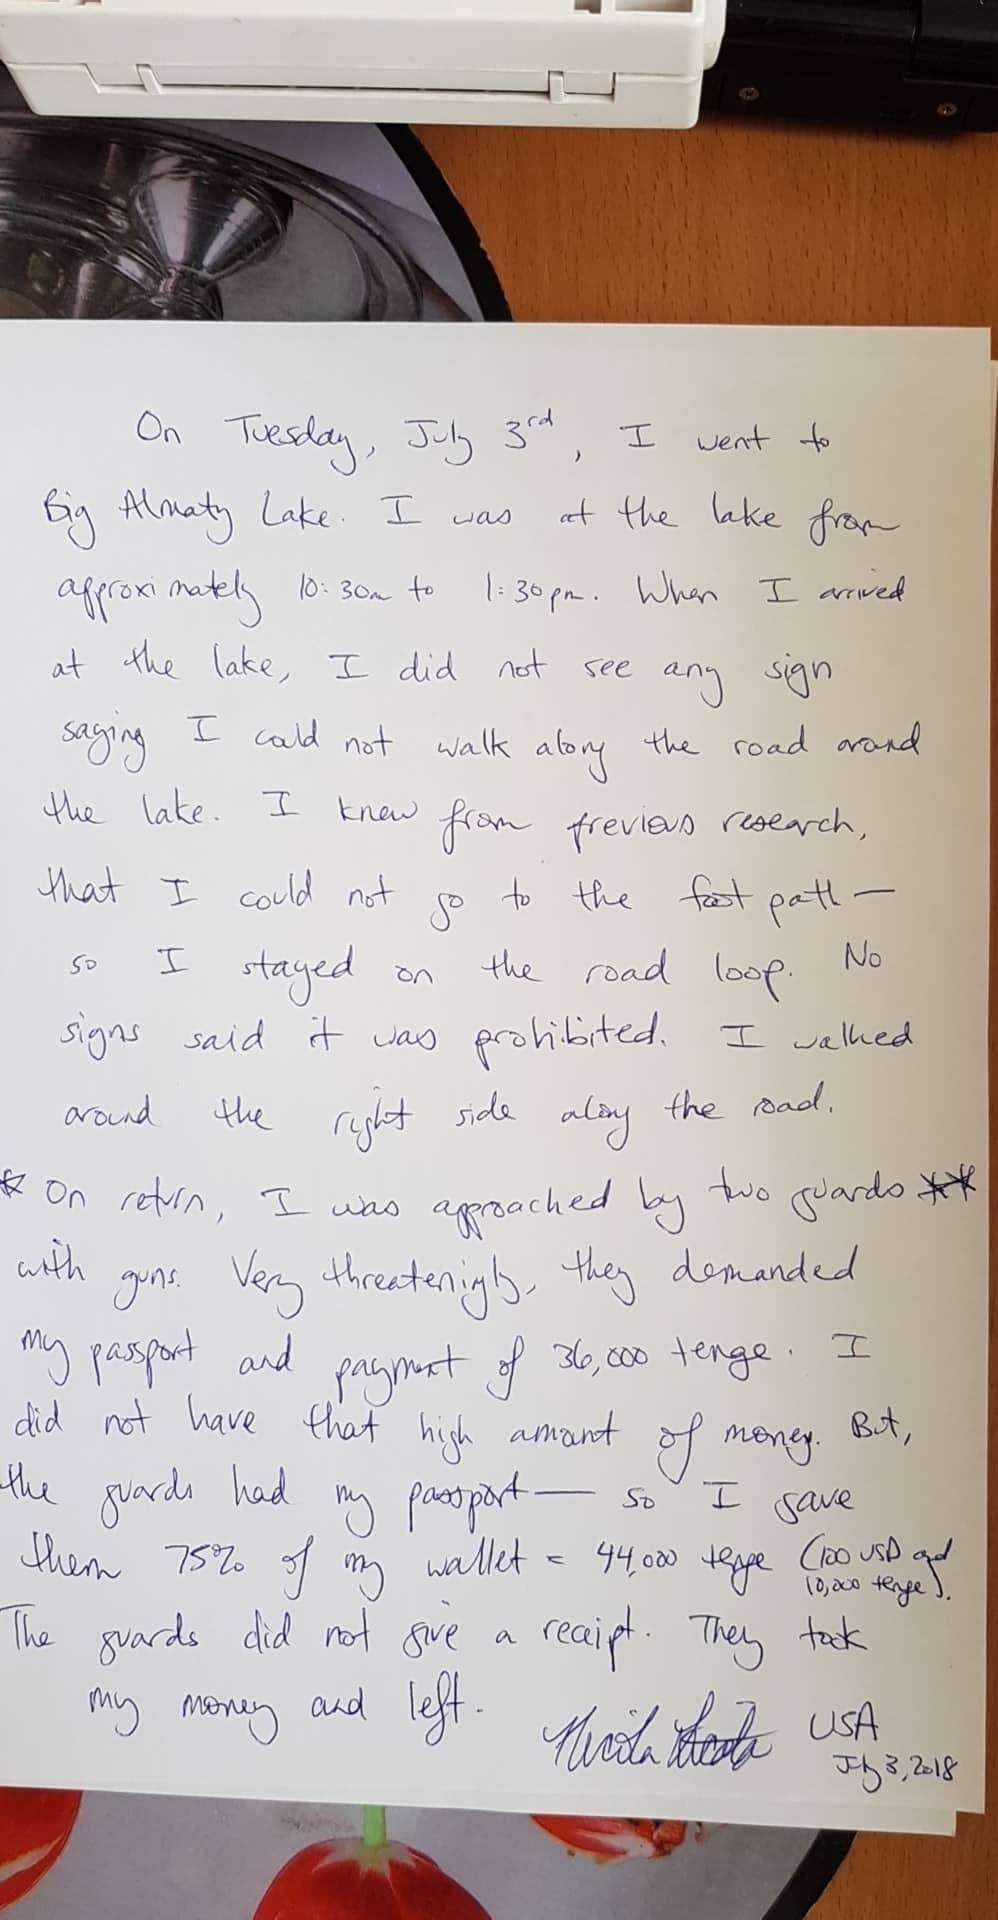 Фото письма туристки из США (Nicola Licata)